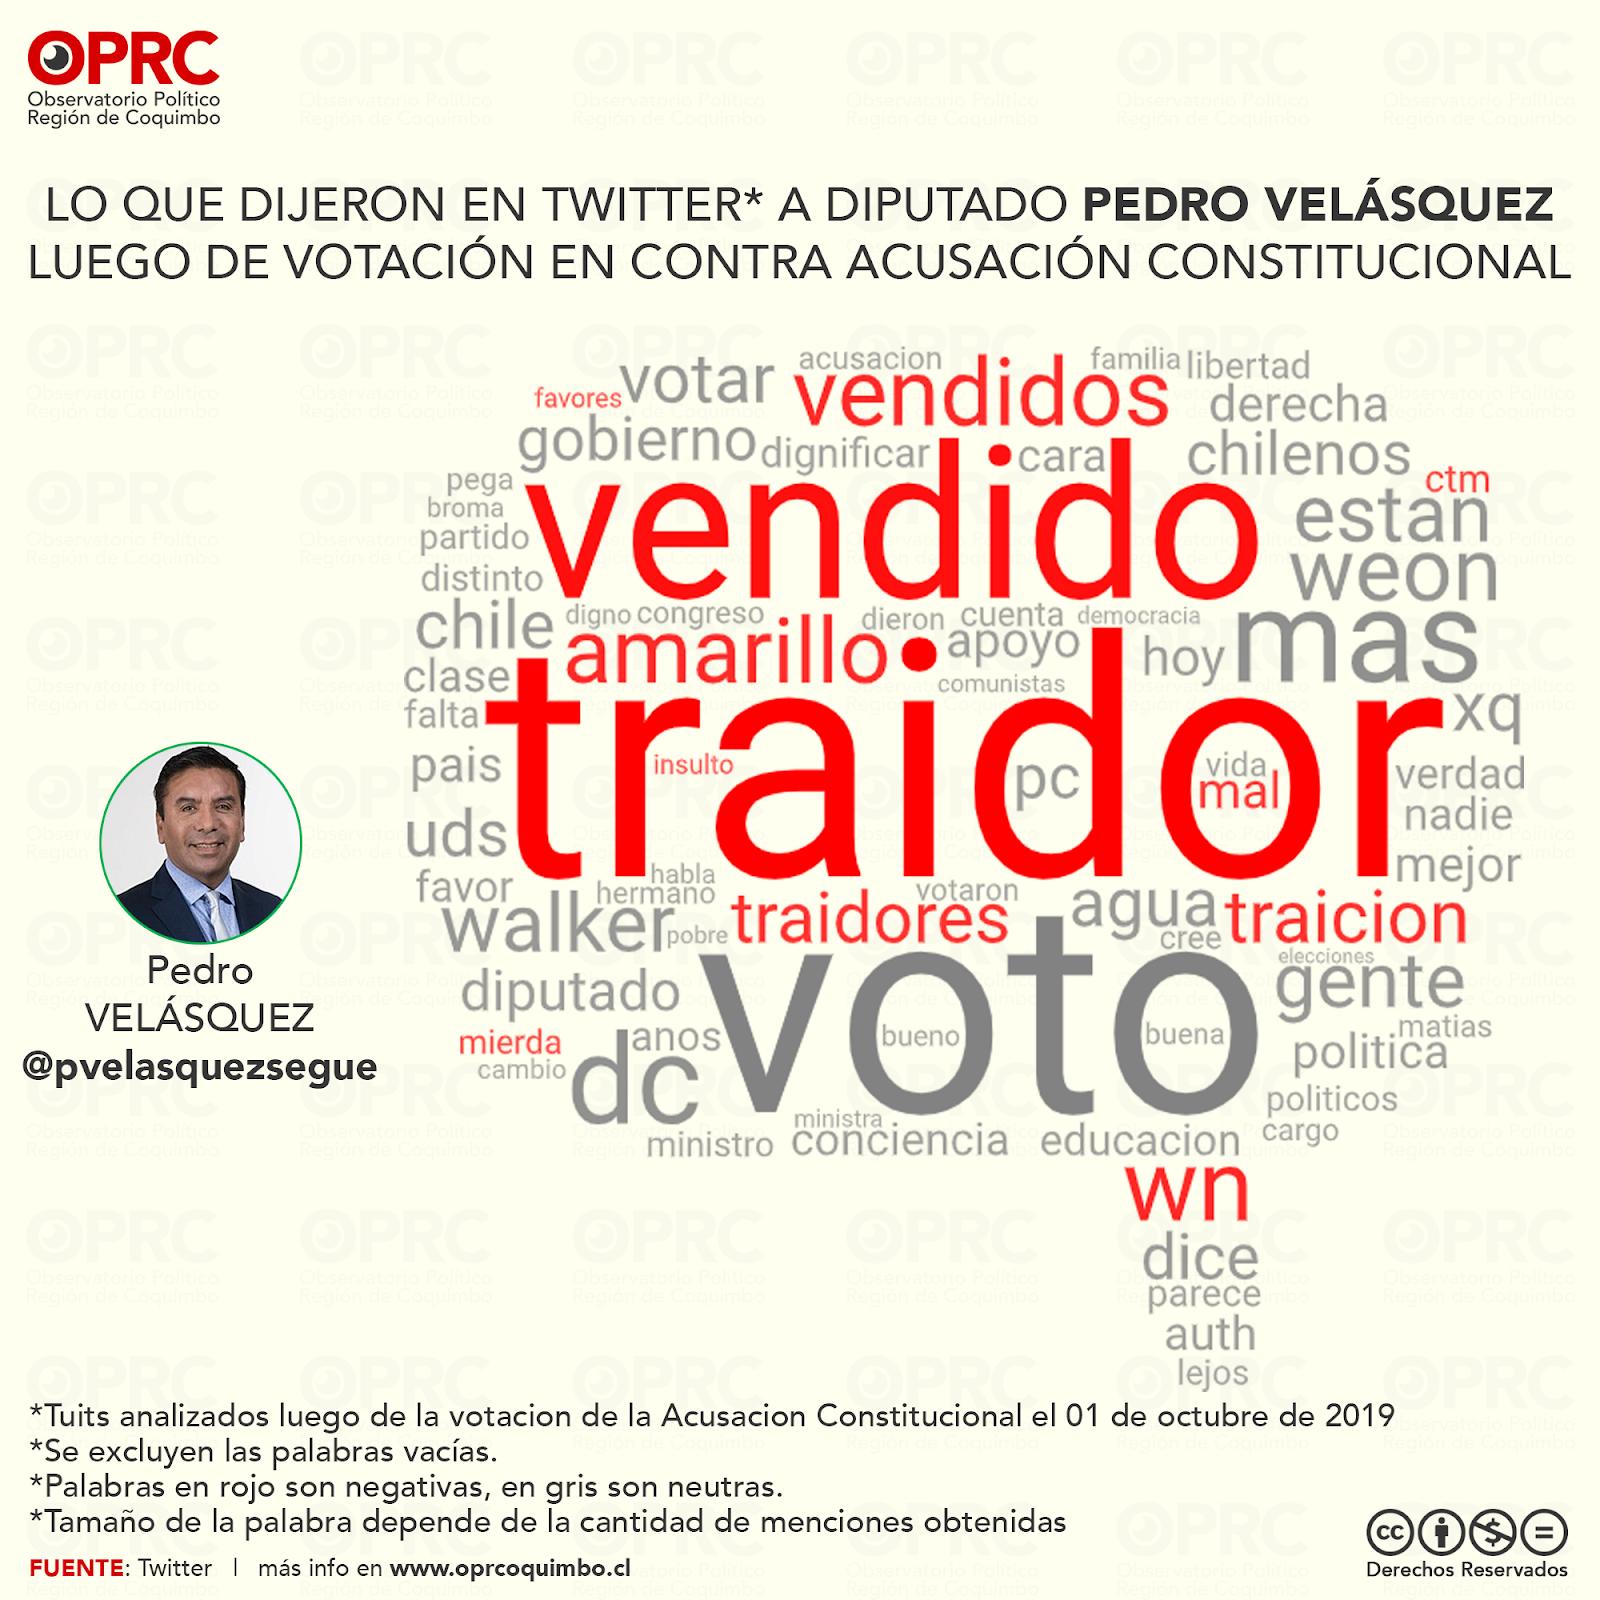 Lo que dijeron a Diputado Pedro Velasquez por su votación en contra de Acusación Constitucional